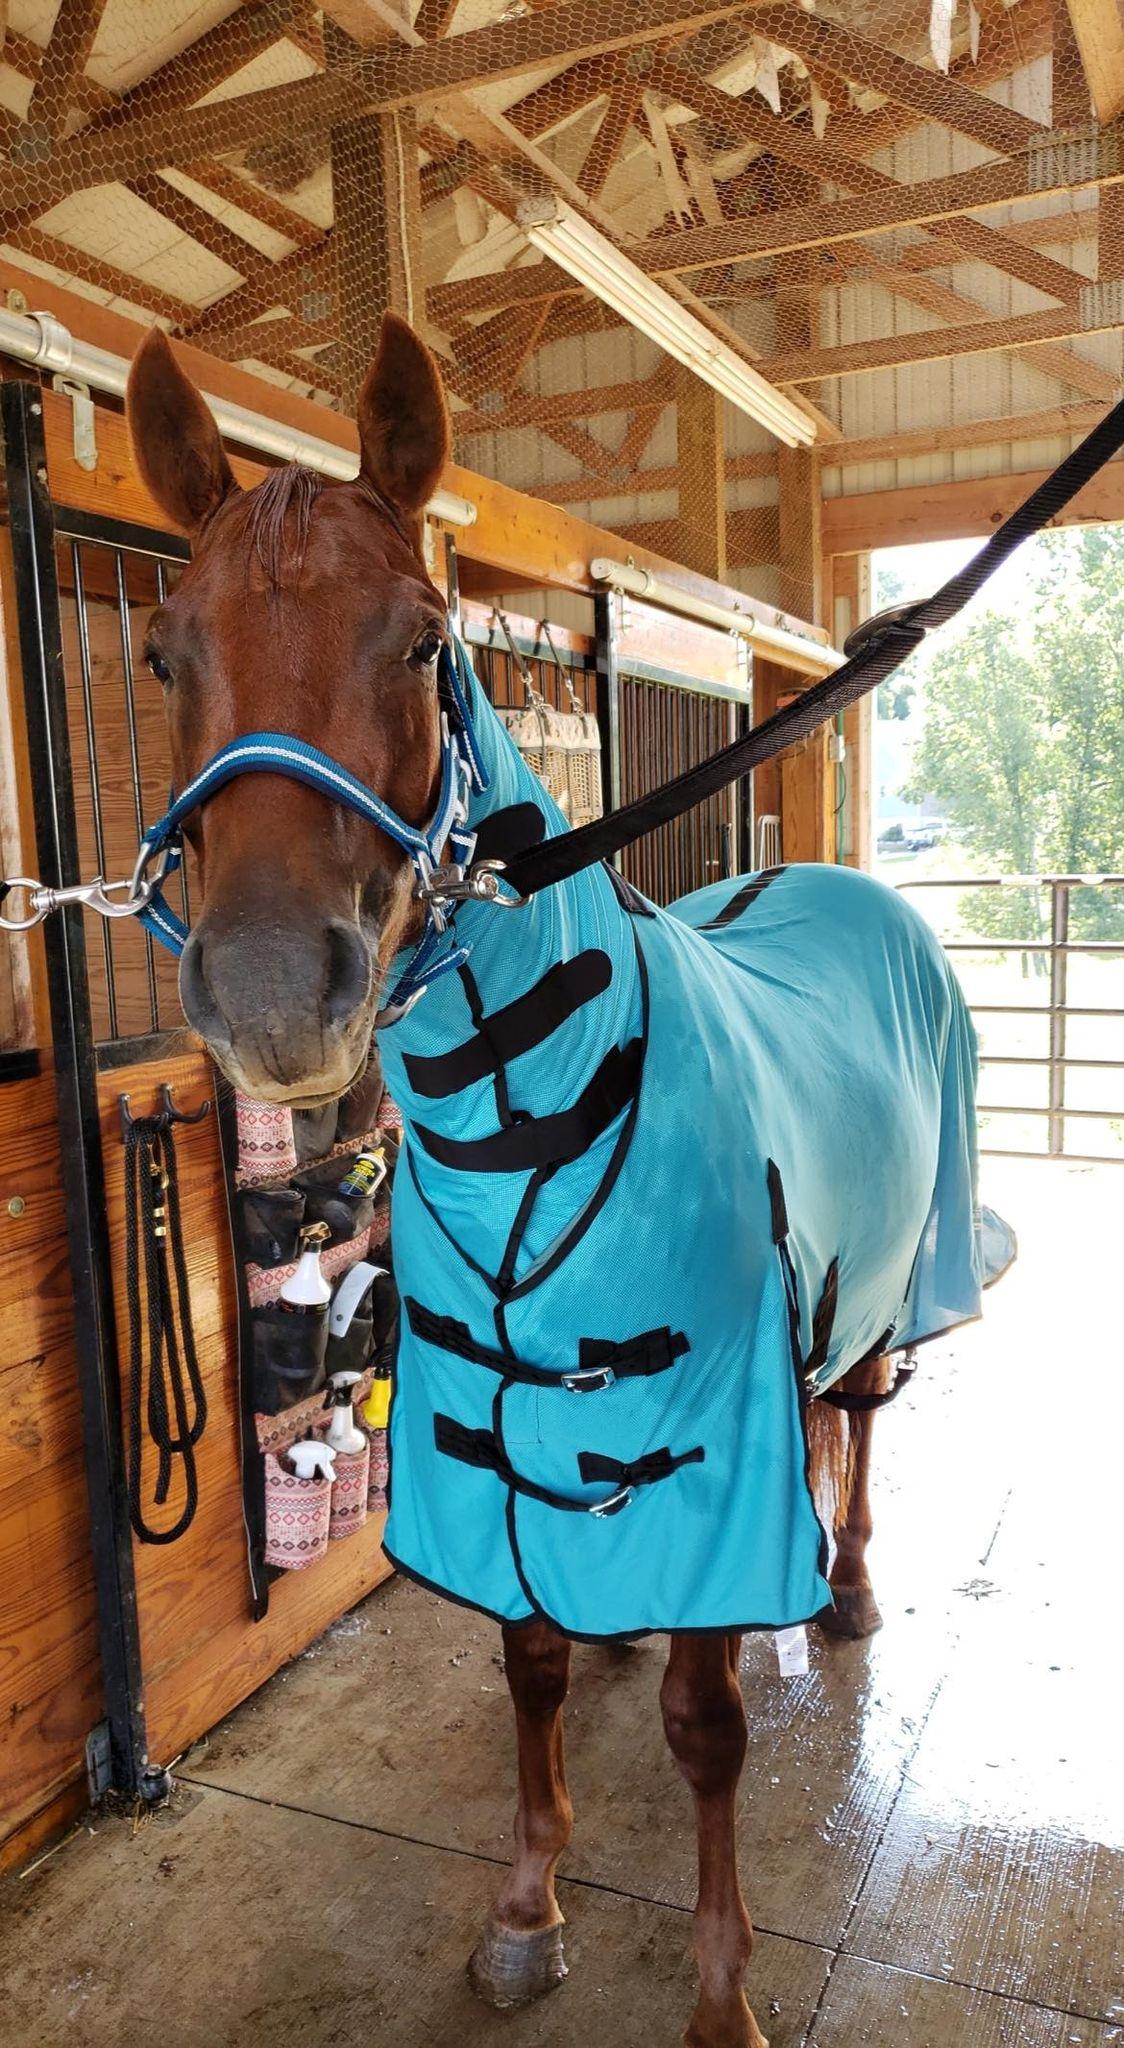 horse wearing equine cooling blanket after bath